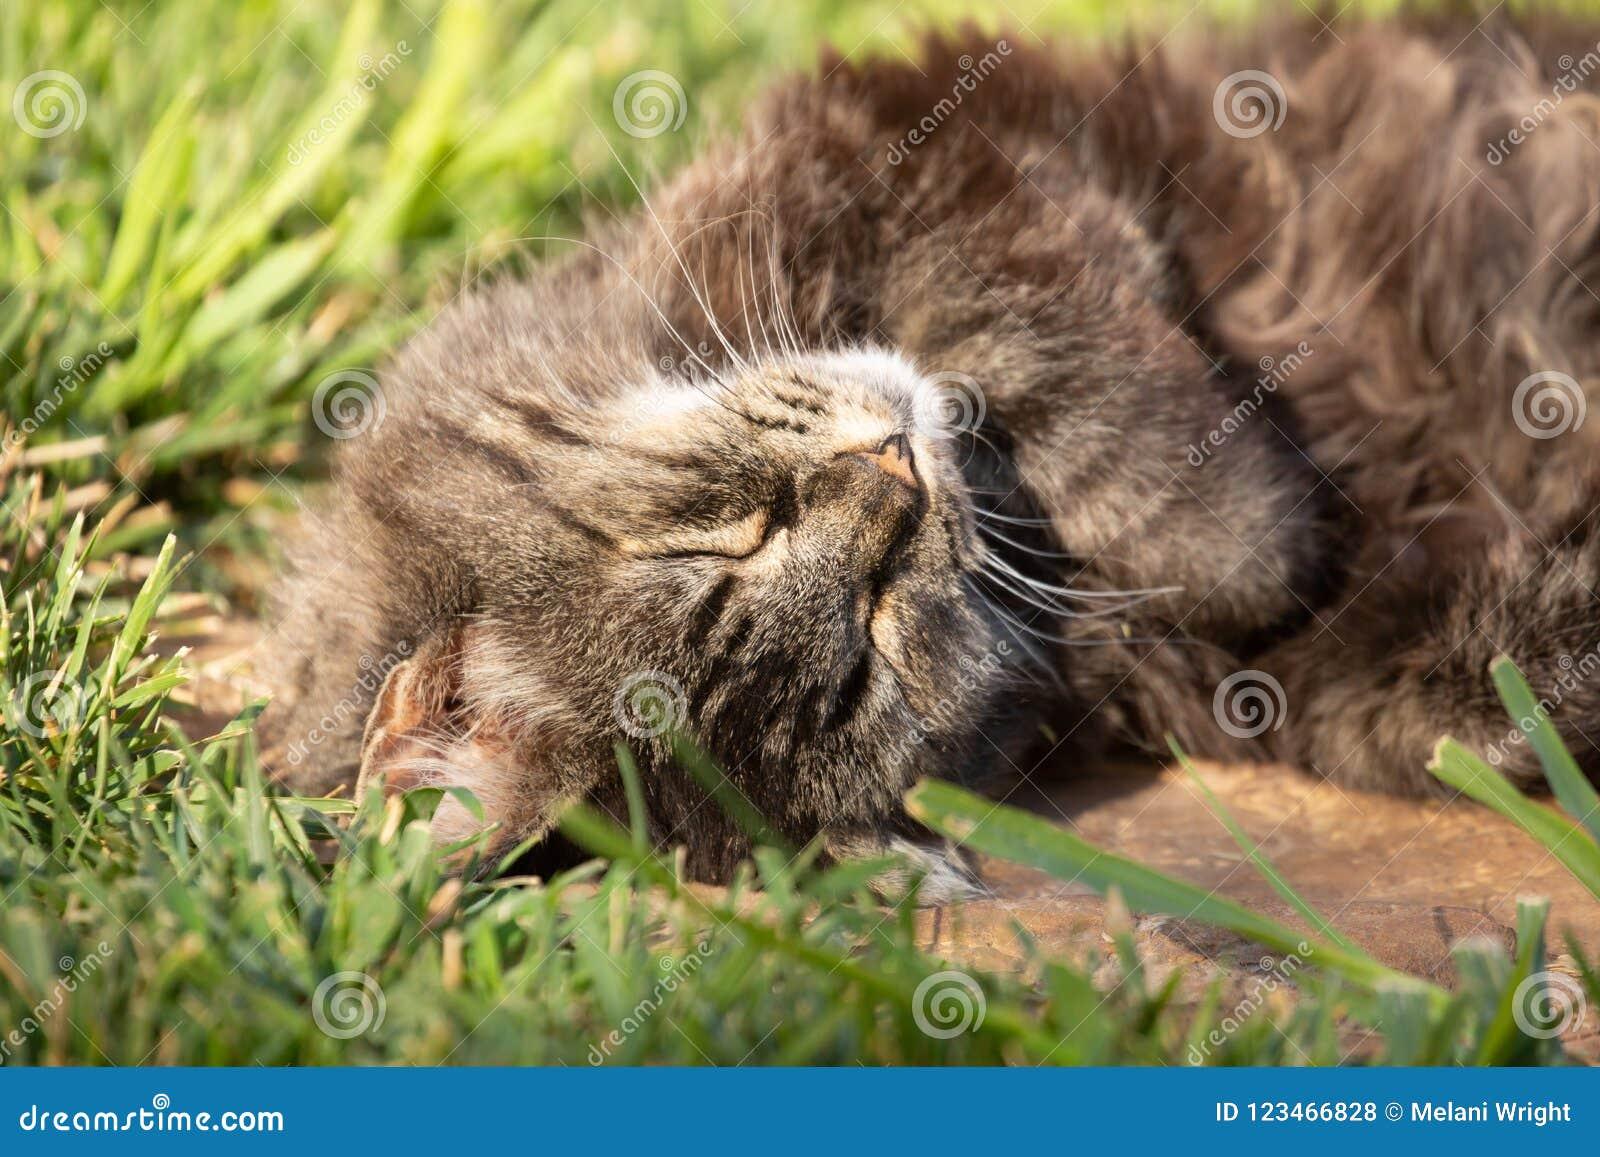 Vollständig entspannte Katze, die morgens eine Sonne des Haares mit grünem Gras im Hintergrund nimmt